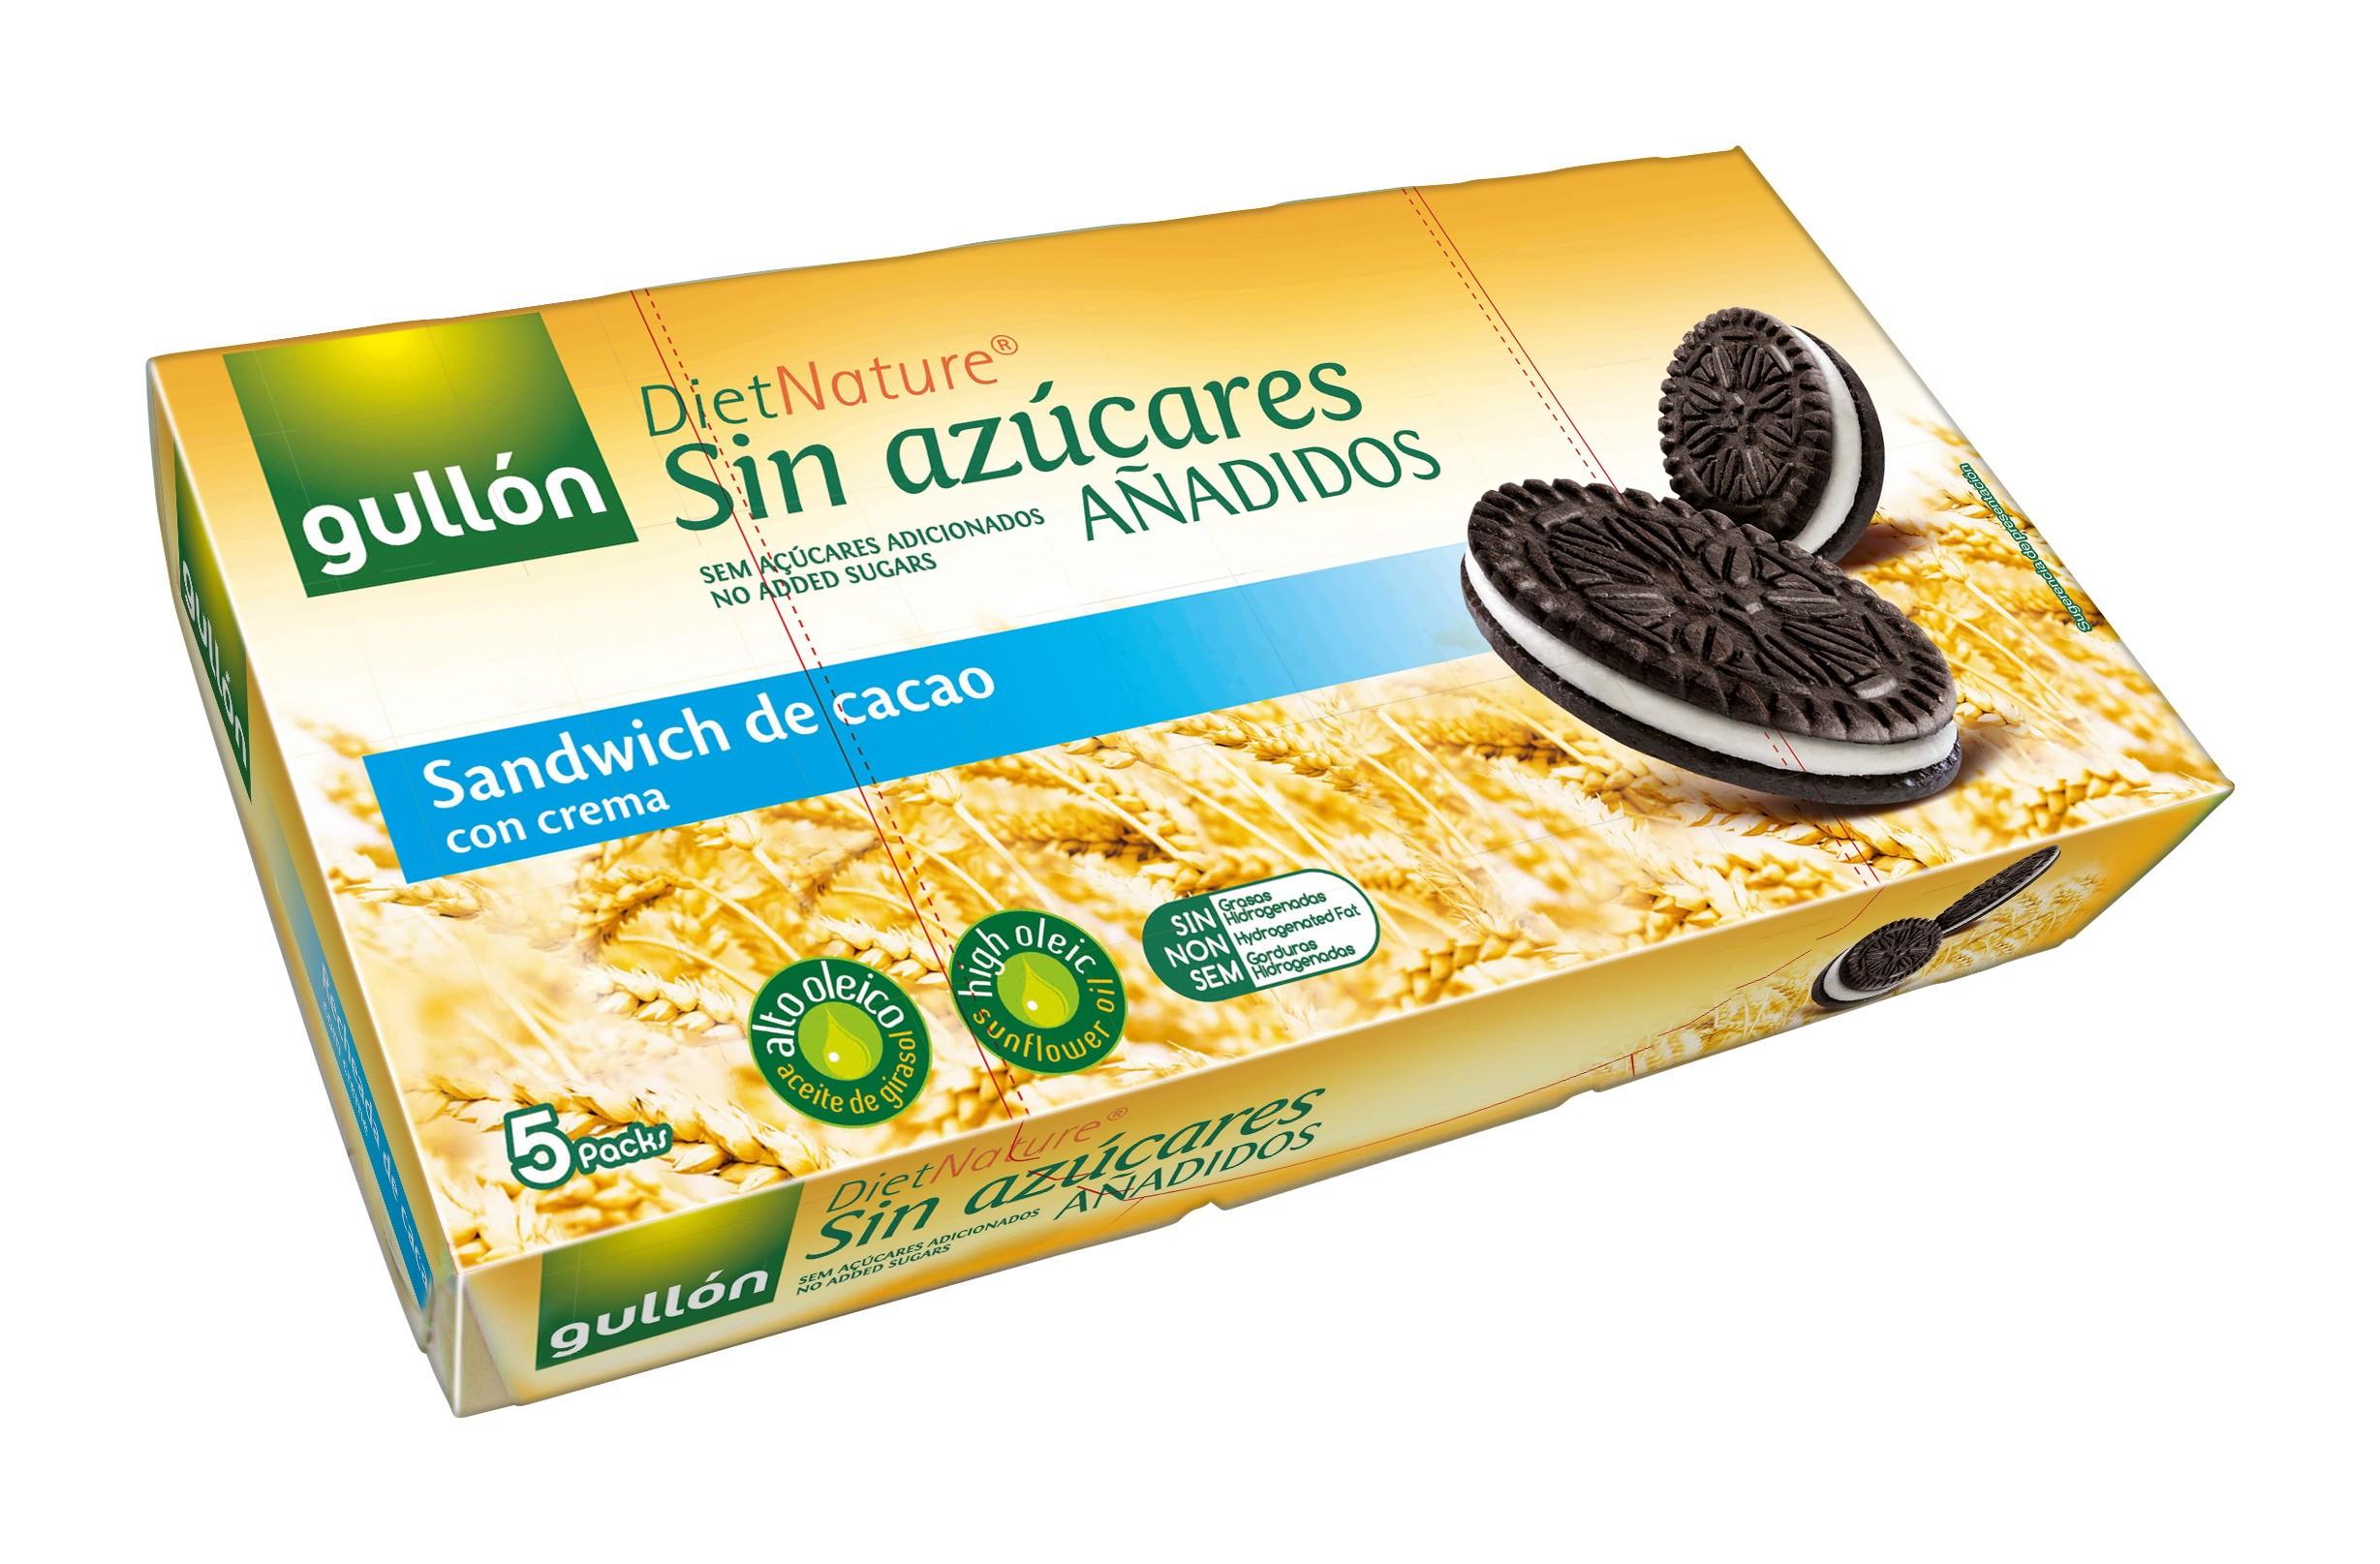 Biscoito de Cacau Diet Recheado com Creme Gullón 210g